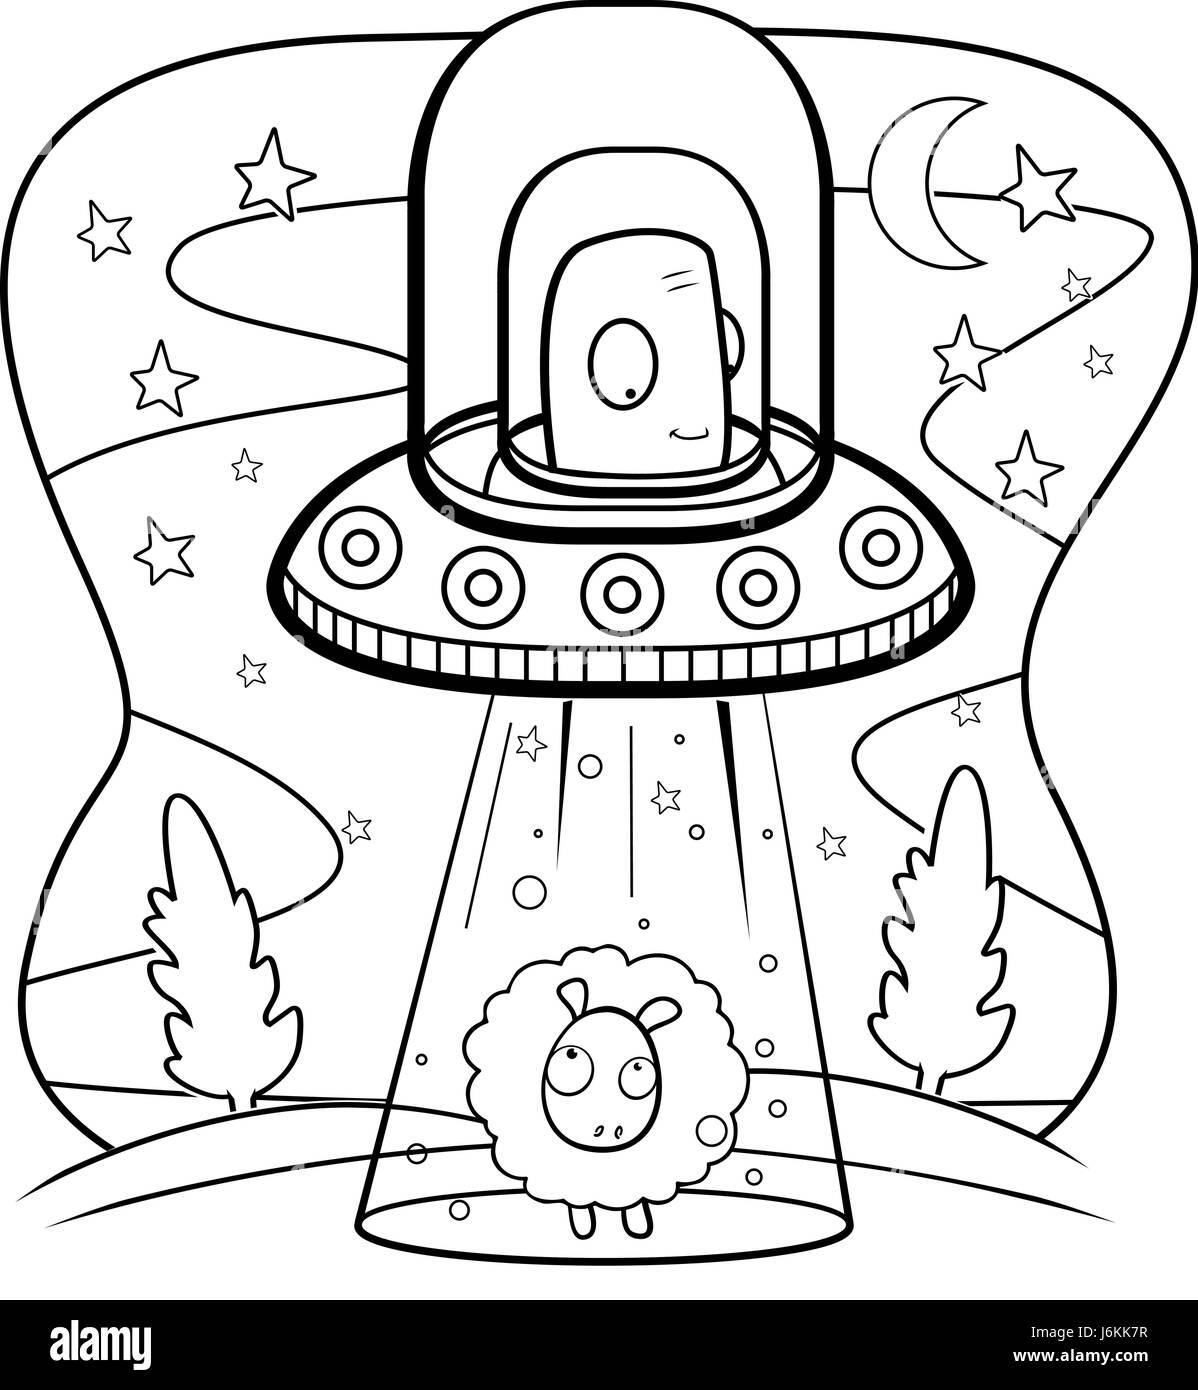 Un Dessin Anime Dans Un Vaisseau Spatial Extraterrestre Vert Enlevement D Un Mouton Image Vectorielle Stock Alamy